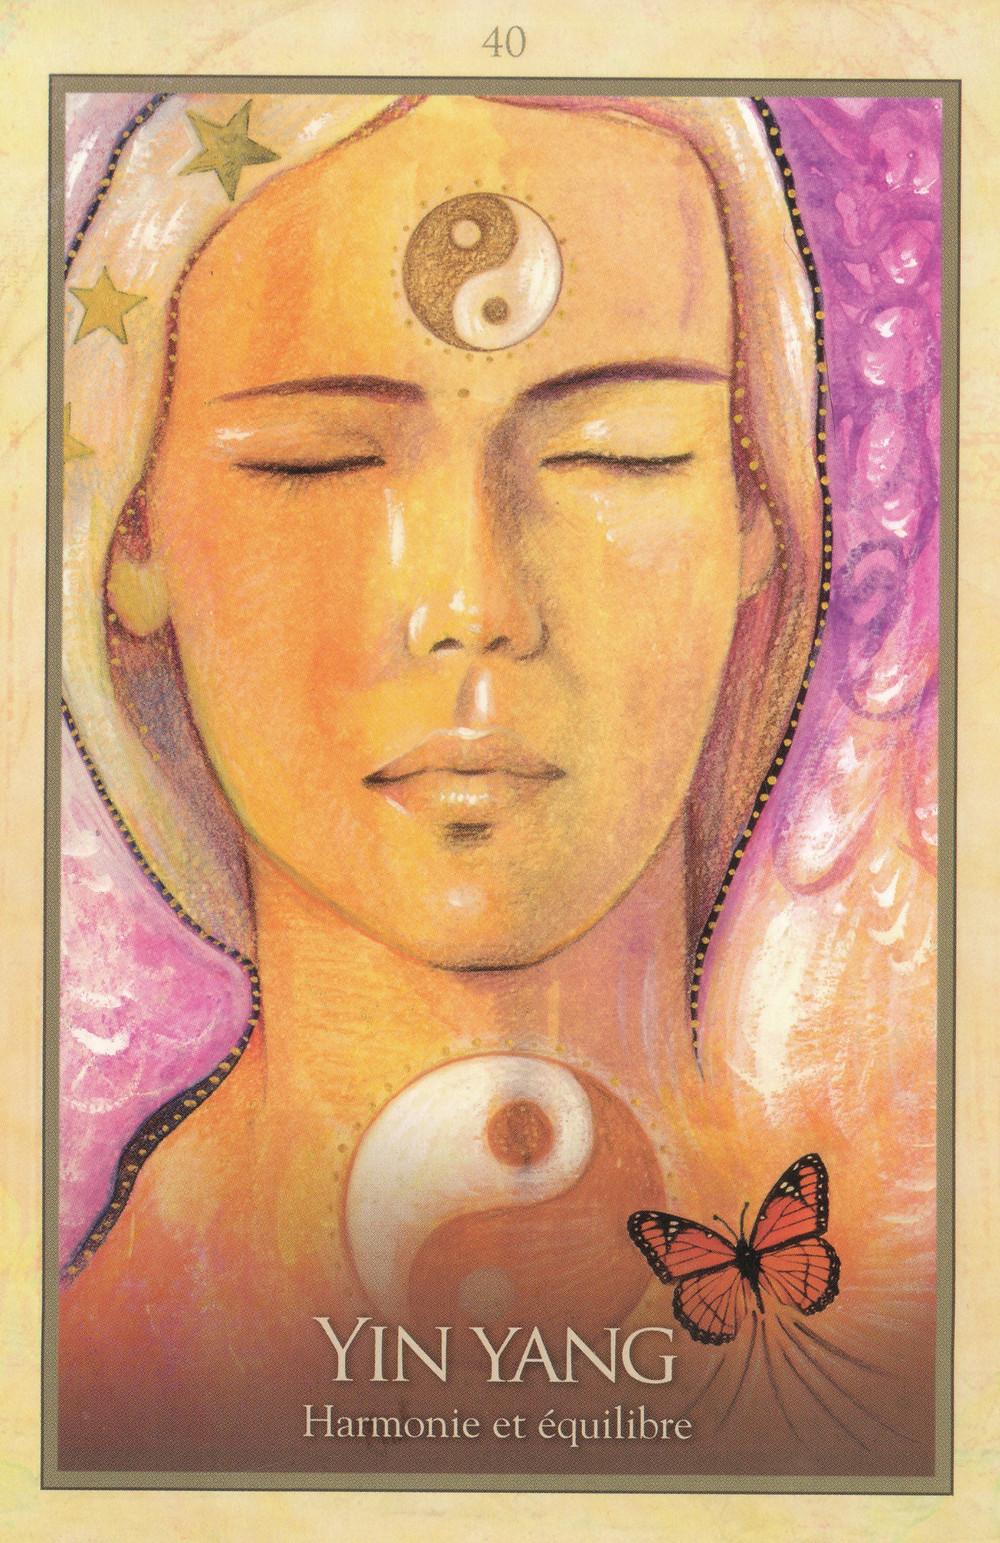 Carte de L'Oracle de Gaïa de Toni Carmine Salerno - 40 Yin Yang - Harmonie et équilibre - Energies du 25 au 31 mai 2020 : Ancrer et concrétiser sa nouvelle Lumière